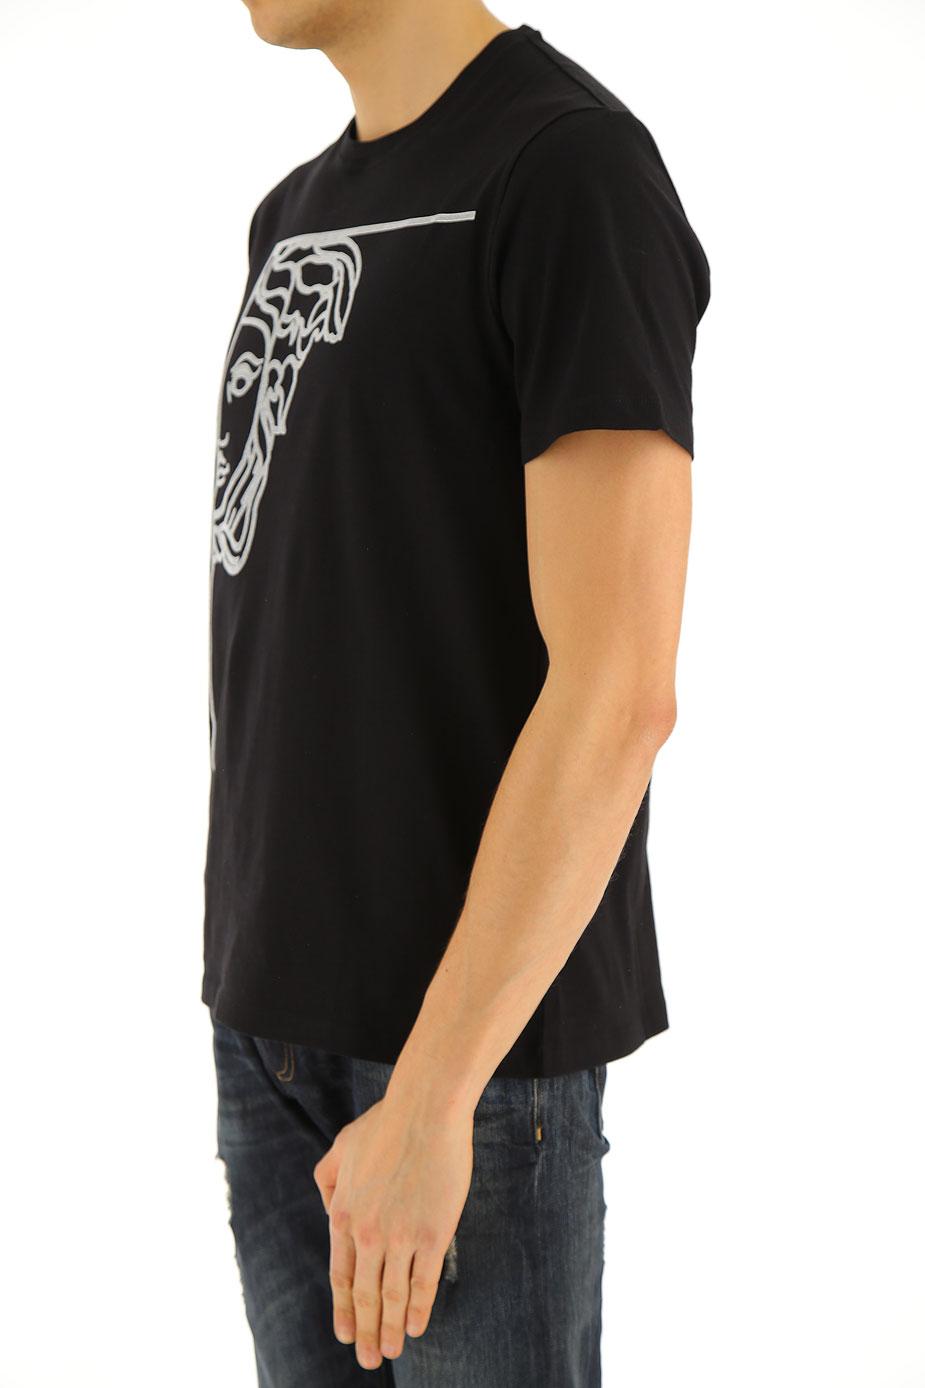 Abbigliamento Uomo Versace, Codice Articolo: v800683-vj00472-v1008